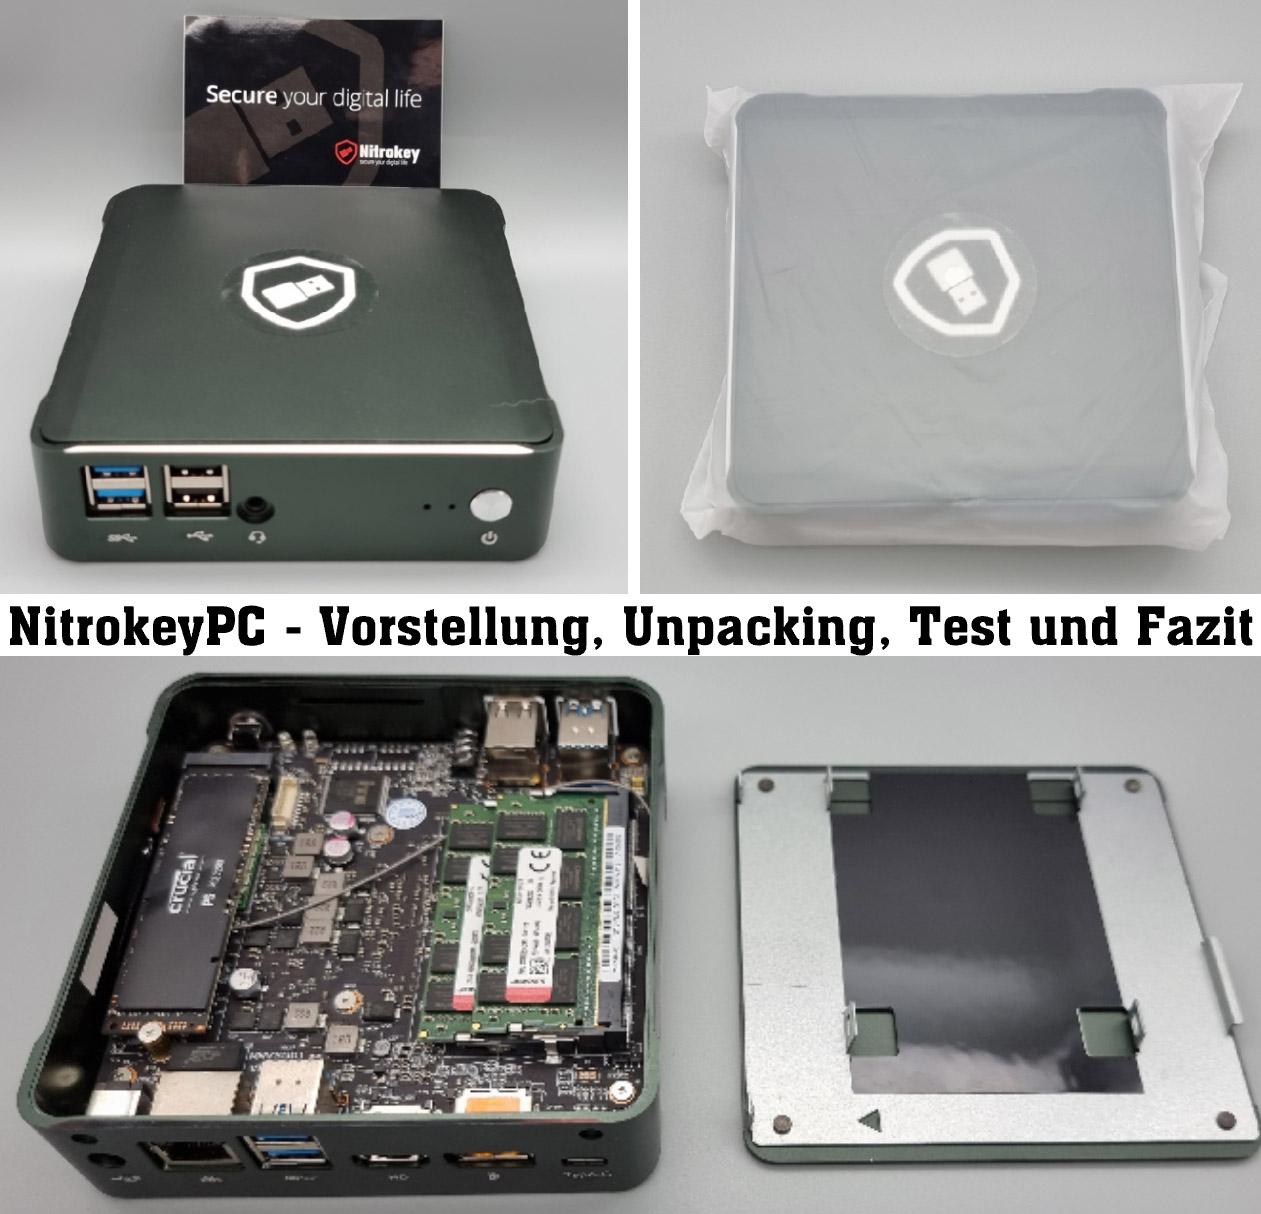 NitroPC von Nitrokey – Vorstellung, Unpacking, Test und mein Fazit